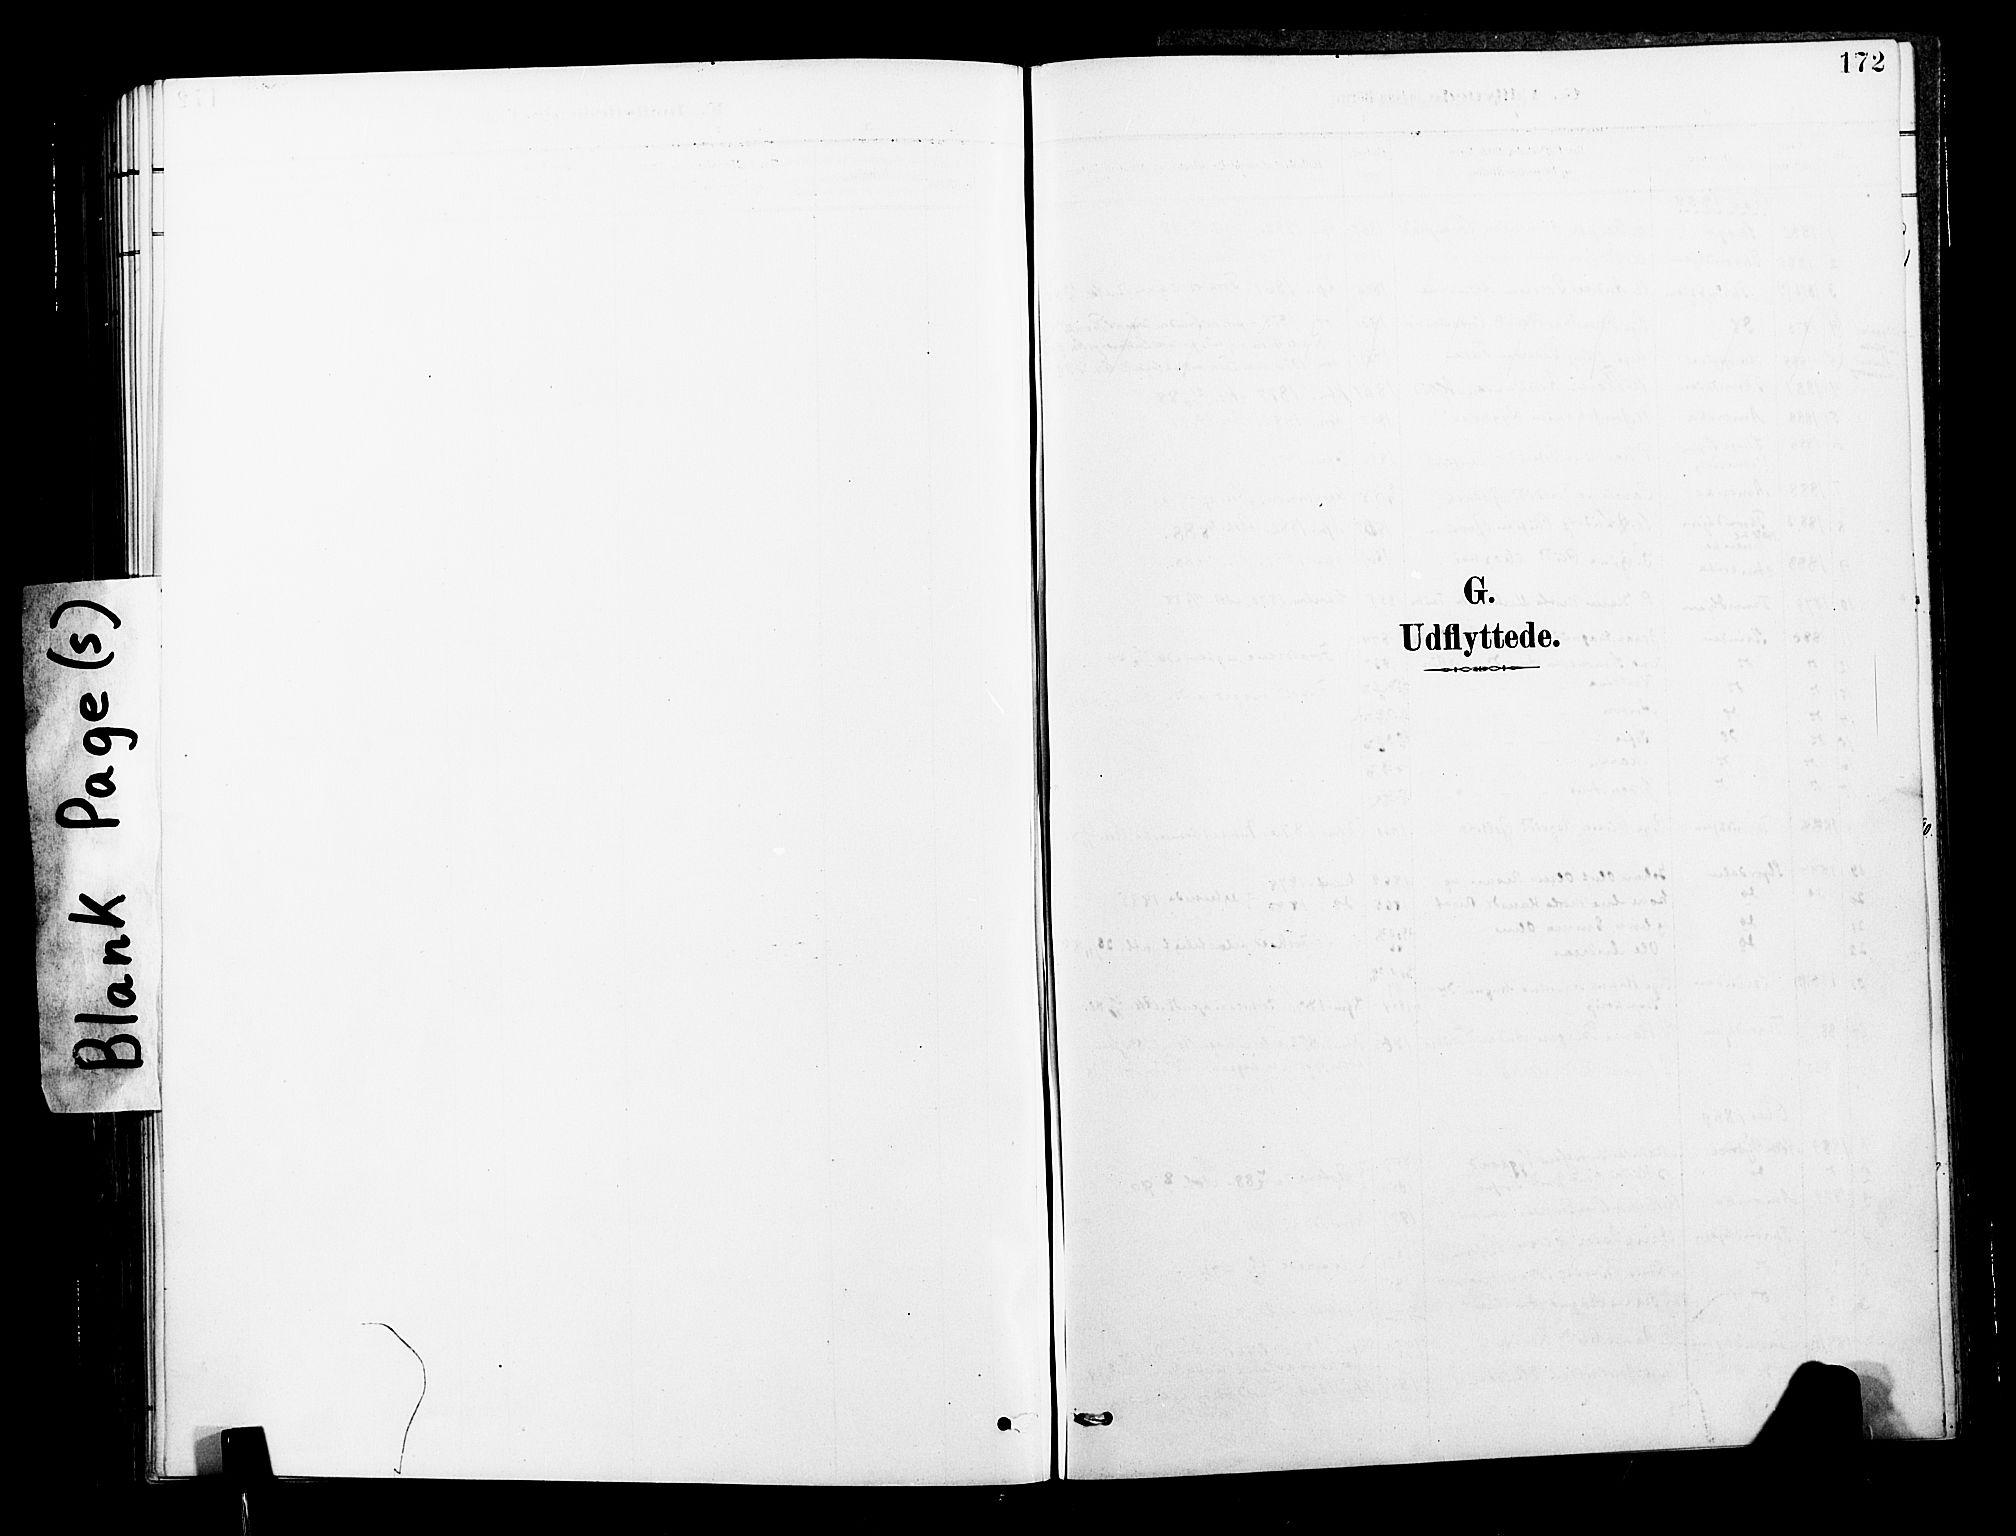 SAT, Ministerialprotokoller, klokkerbøker og fødselsregistre - Nord-Trøndelag, 713/L0121: Ministerialbok nr. 713A10, 1888-1898, s. 172